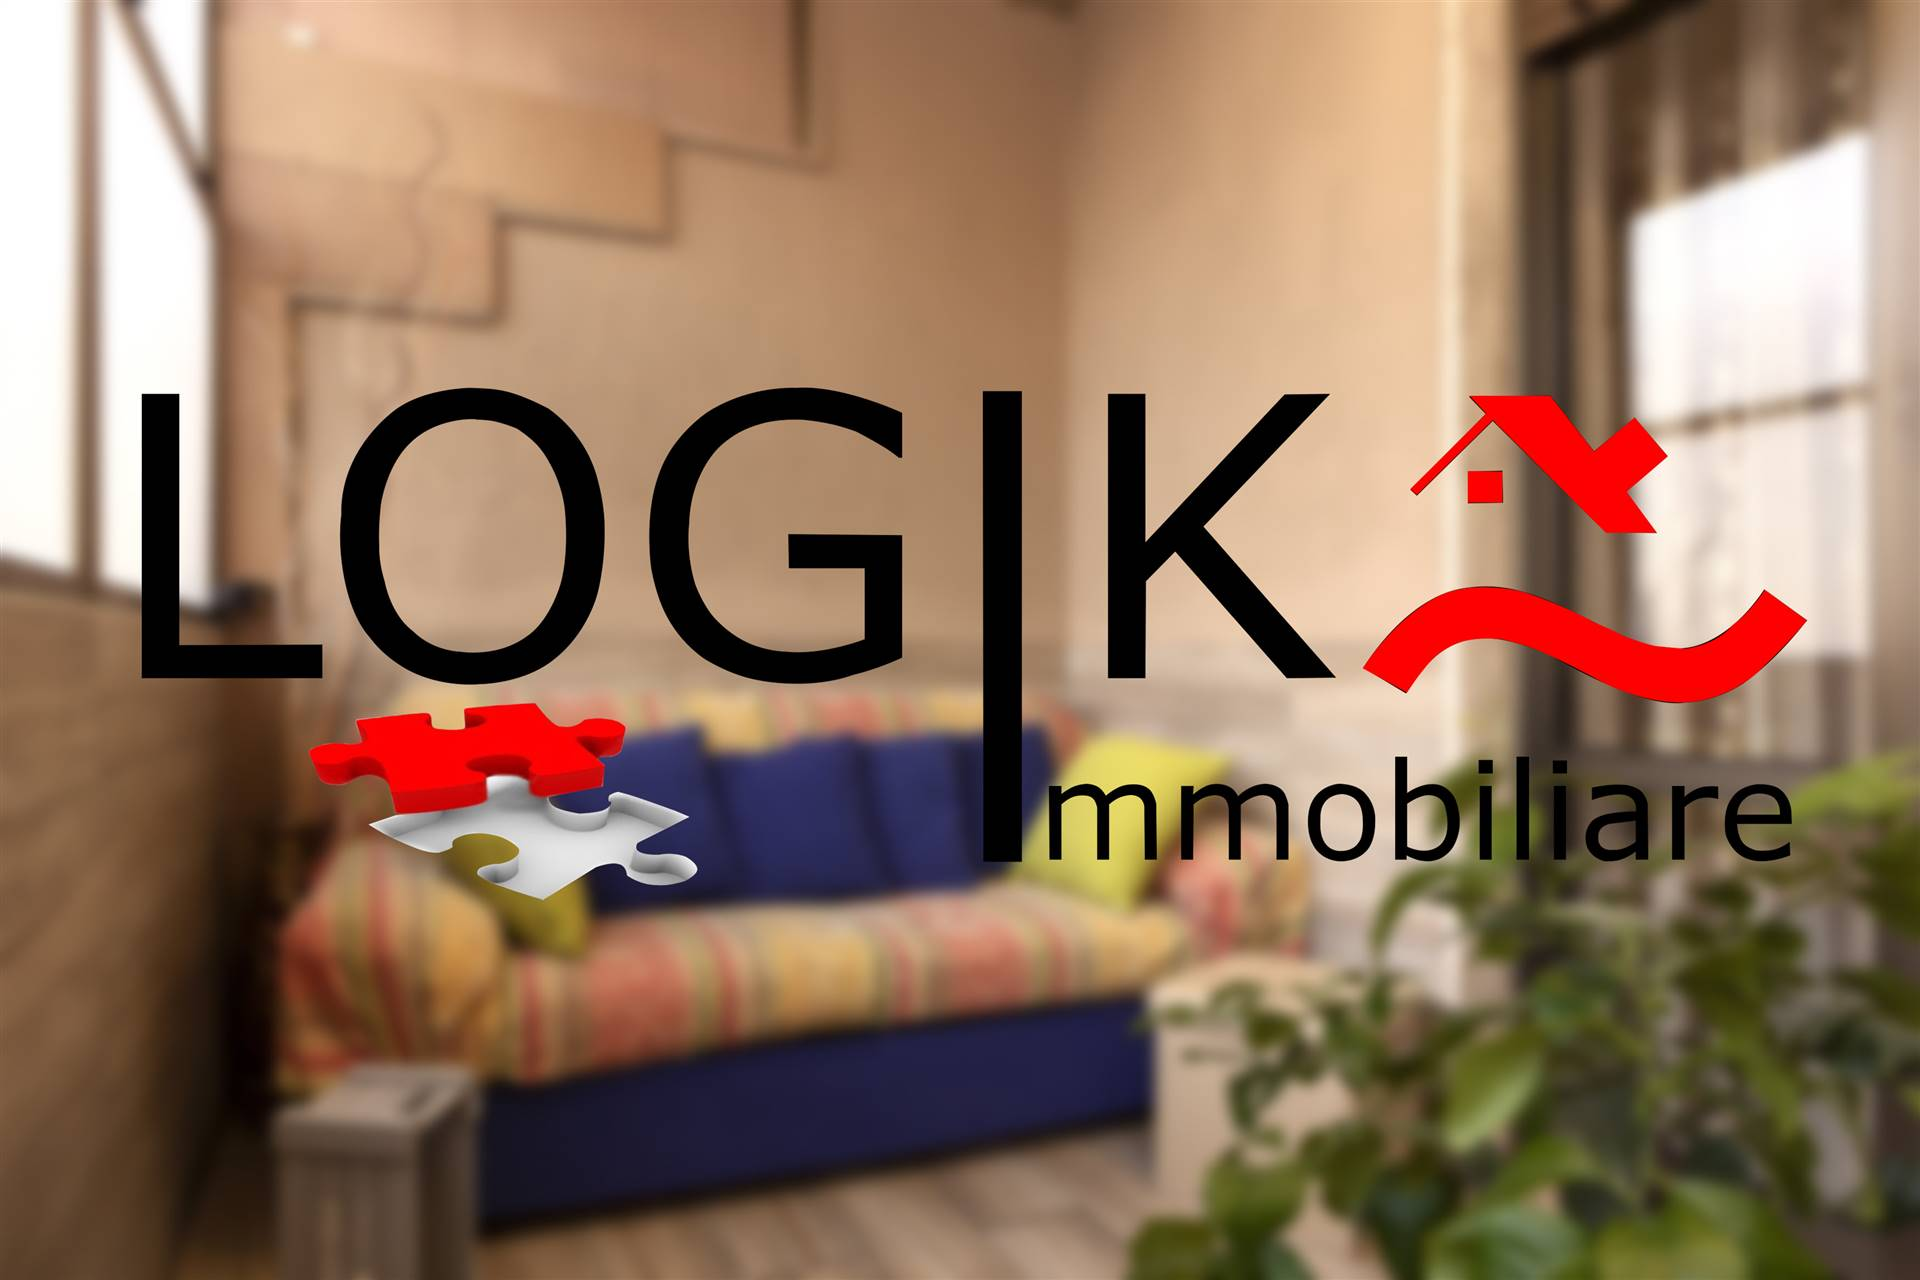 Appartamento in vendita a Pieve Emanuele, 3 locali, prezzo € 155.000 | PortaleAgenzieImmobiliari.it